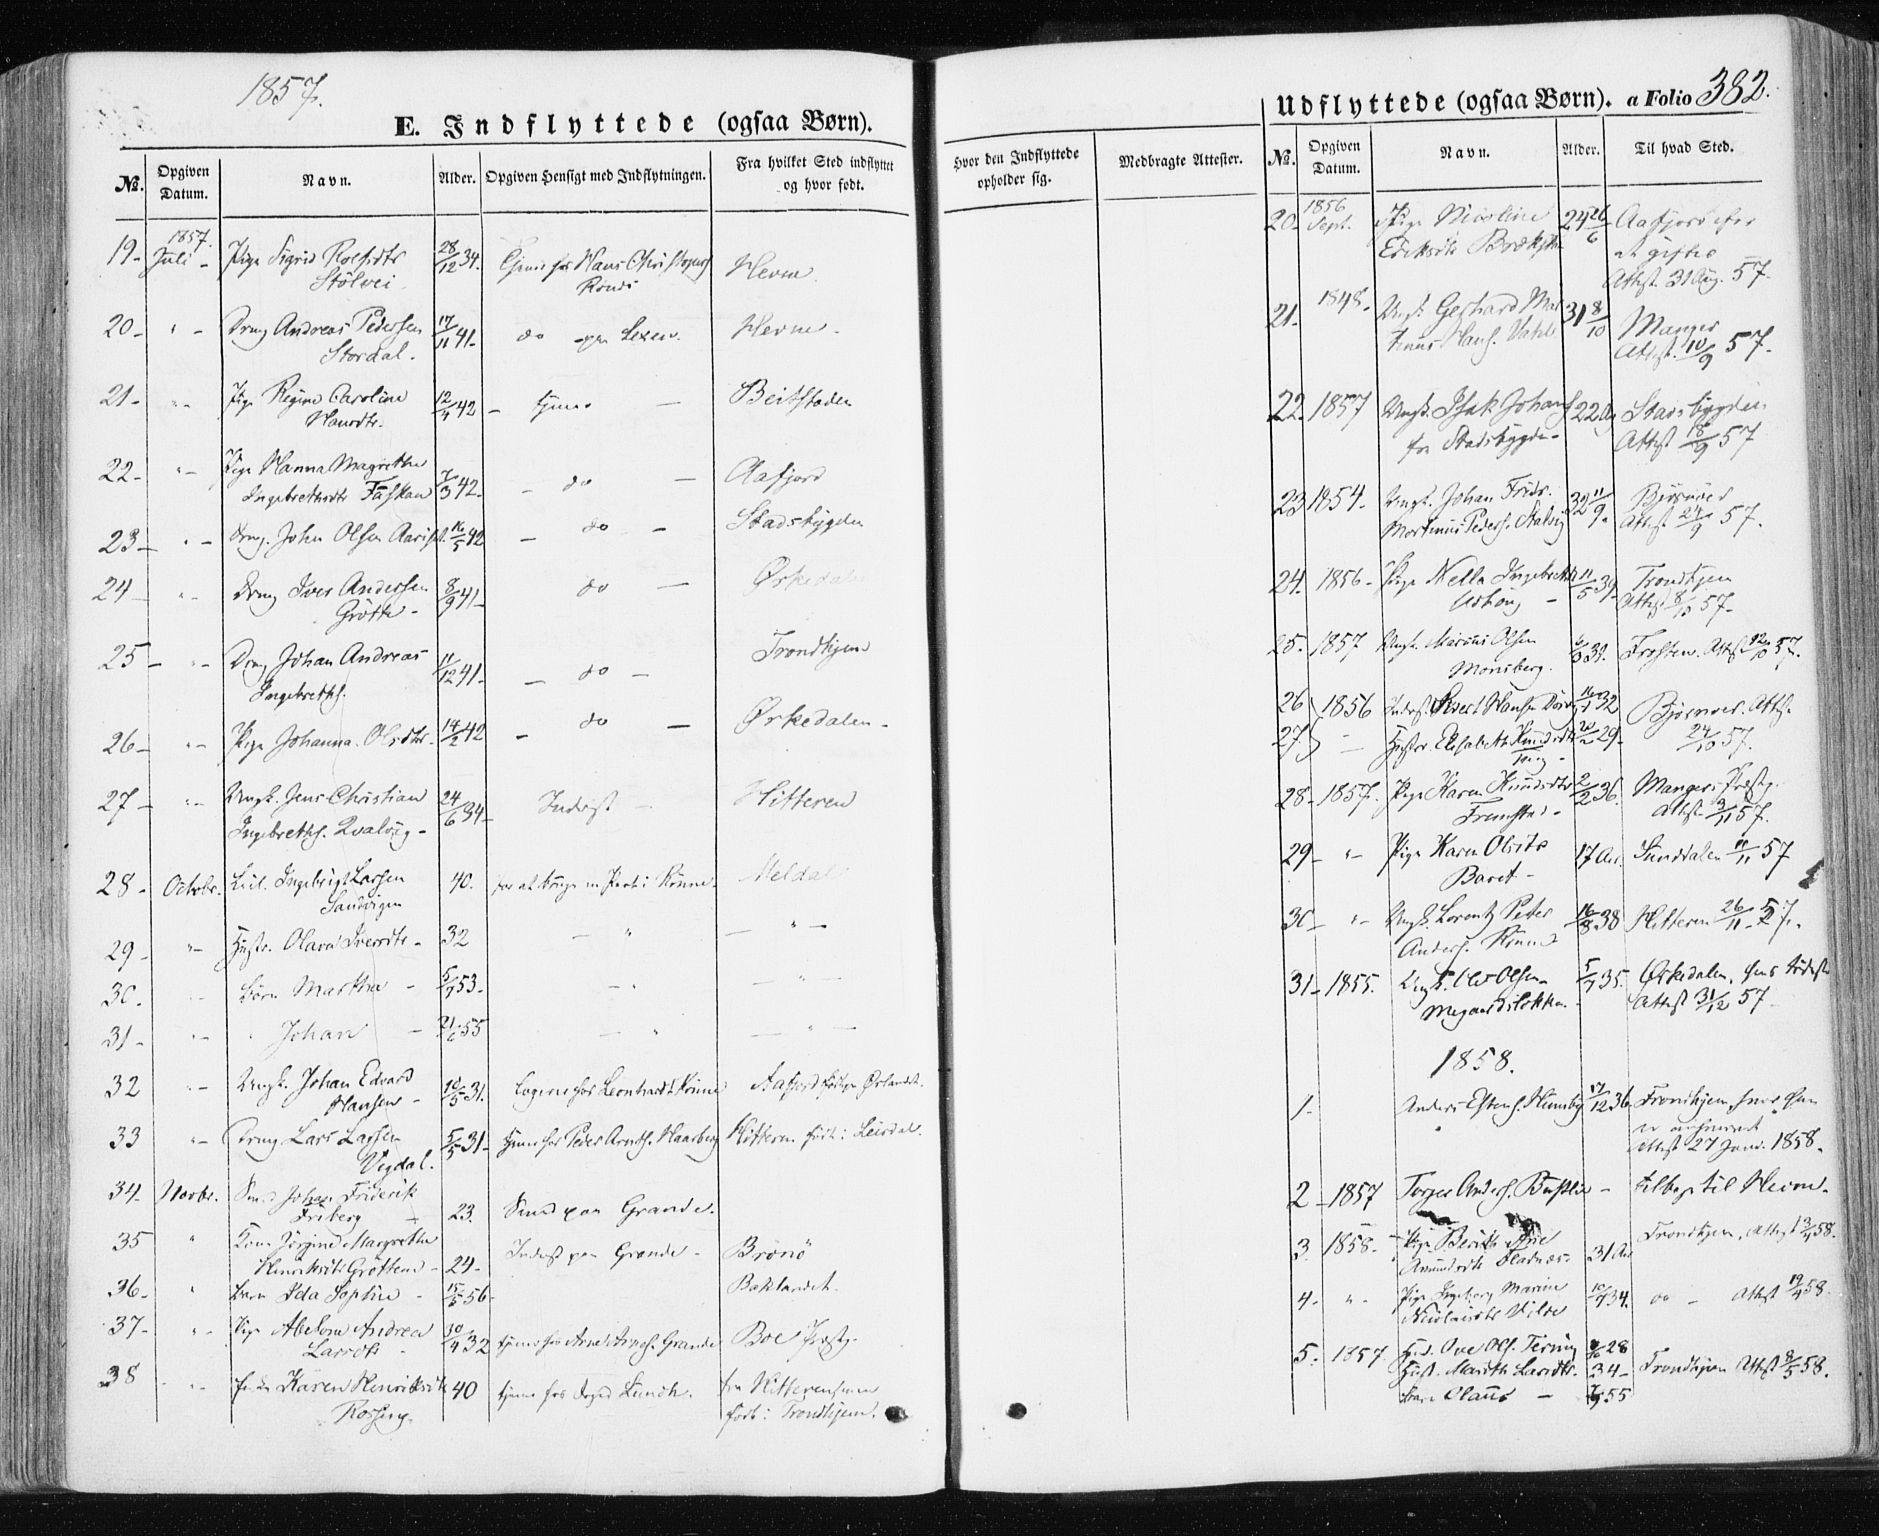 SAT, Ministerialprotokoller, klokkerbøker og fødselsregistre - Sør-Trøndelag, 659/L0737: Ministerialbok nr. 659A07, 1857-1875, s. 382